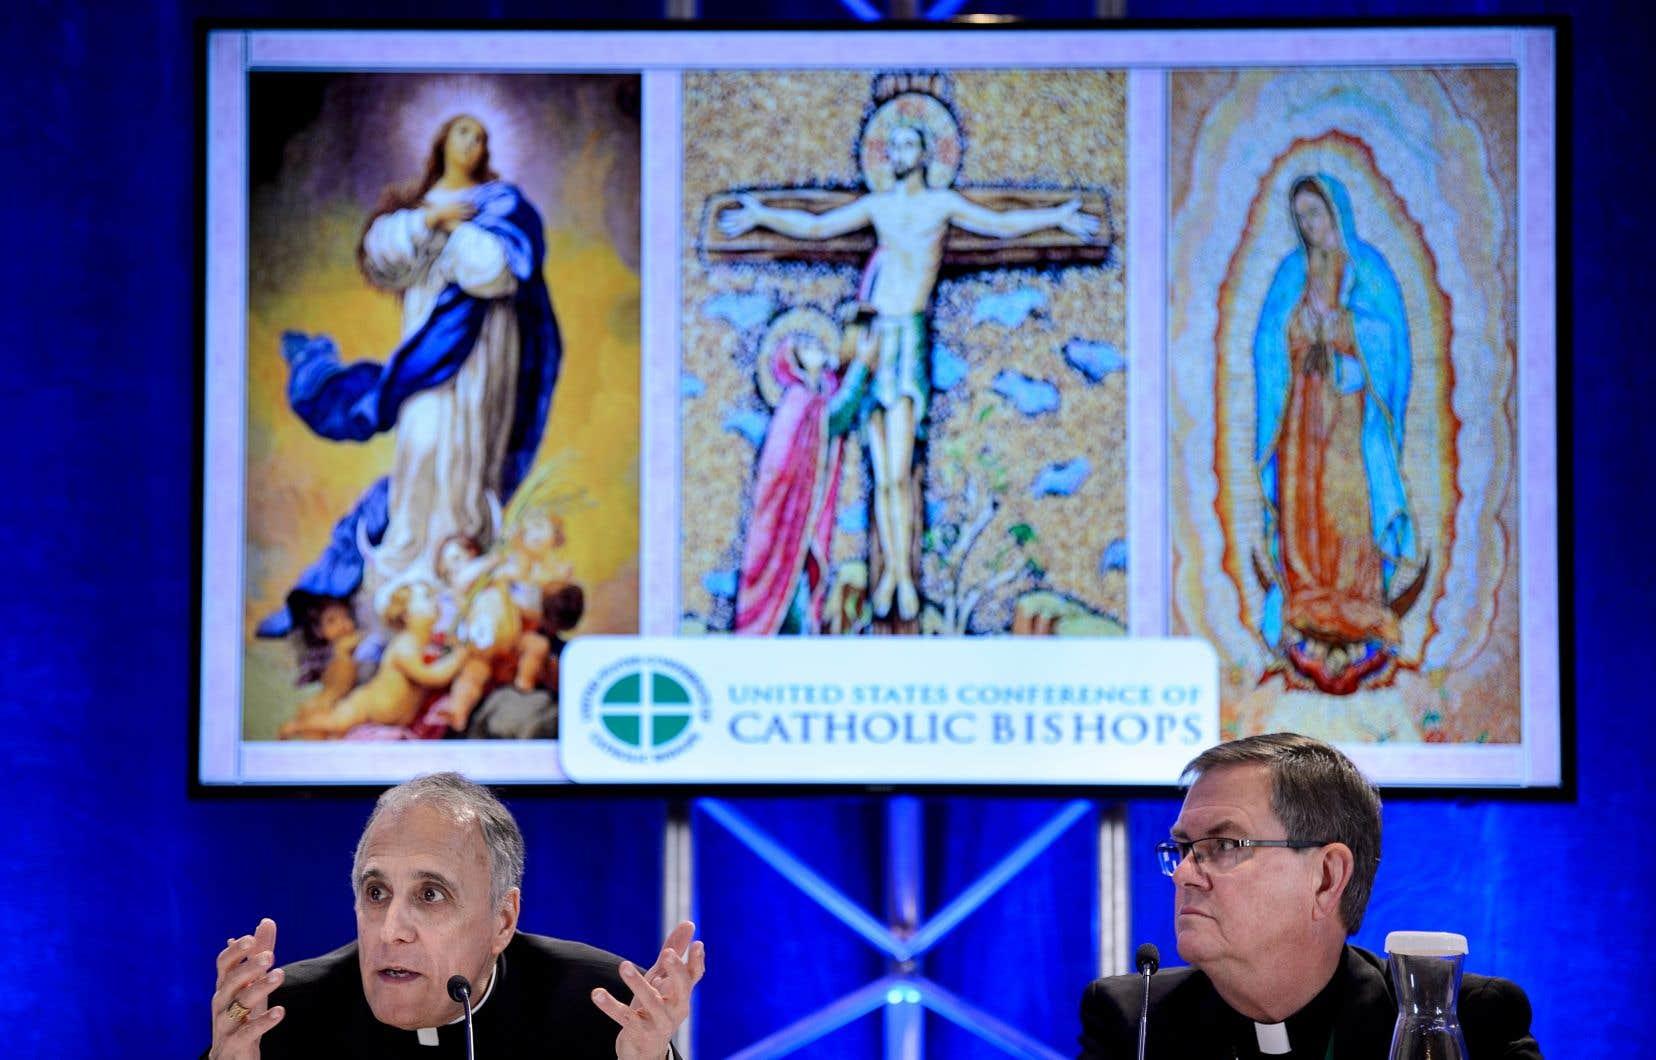 Le cardinal Daniel DiNardo, président de la conférence des évêques américains, en compagnie de l'évêqueTimothy Doherty, président du comité des évêques pour la protection des mineurs.